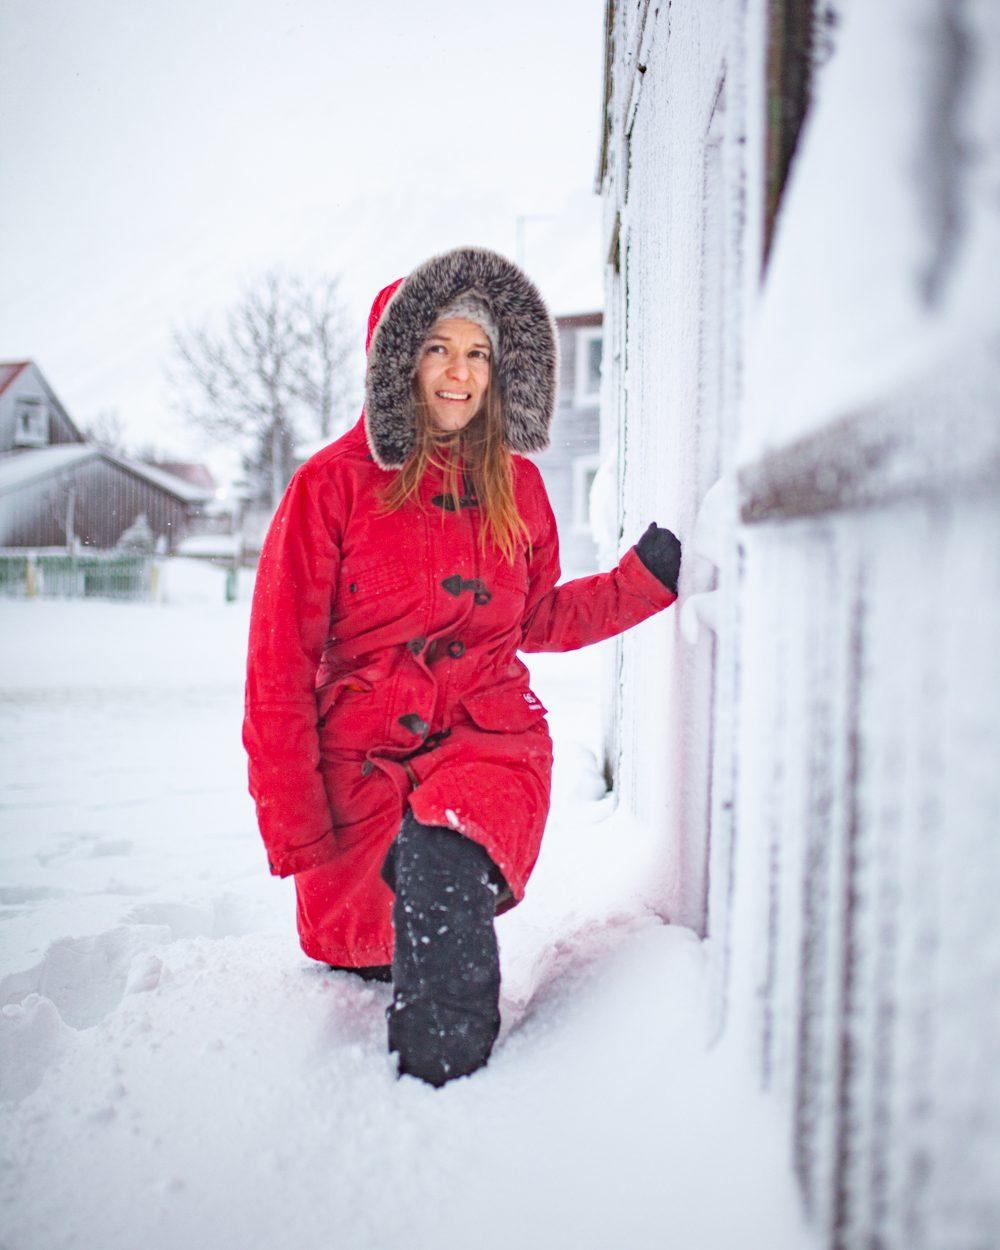 islanti talvella 4